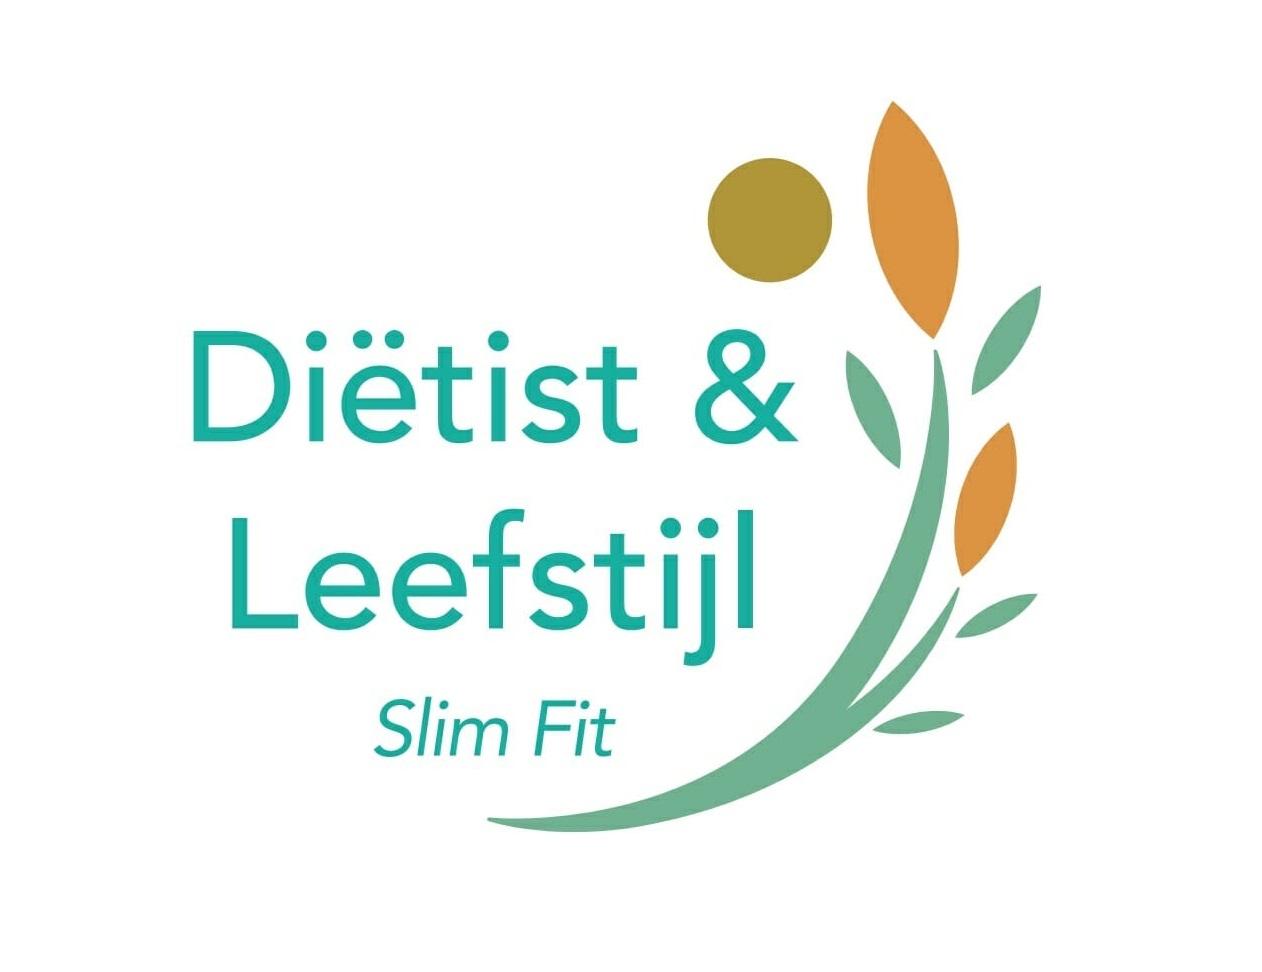 Diëtist & Leefstijl Slim Fit